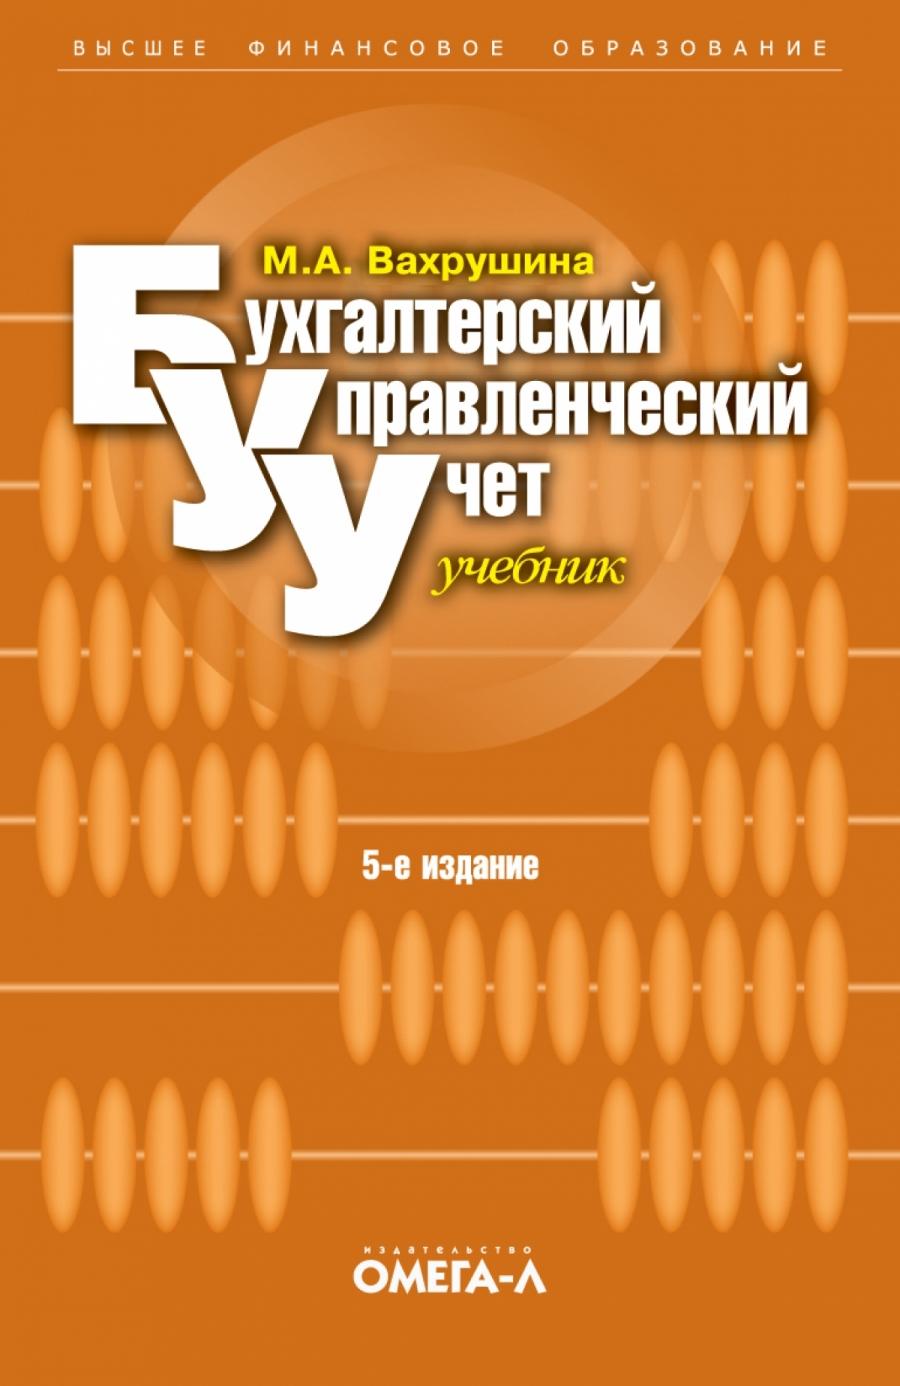 Обложка книги:  вахрушина м.а. - бухгалтерский управленческий учет (2-е издание)